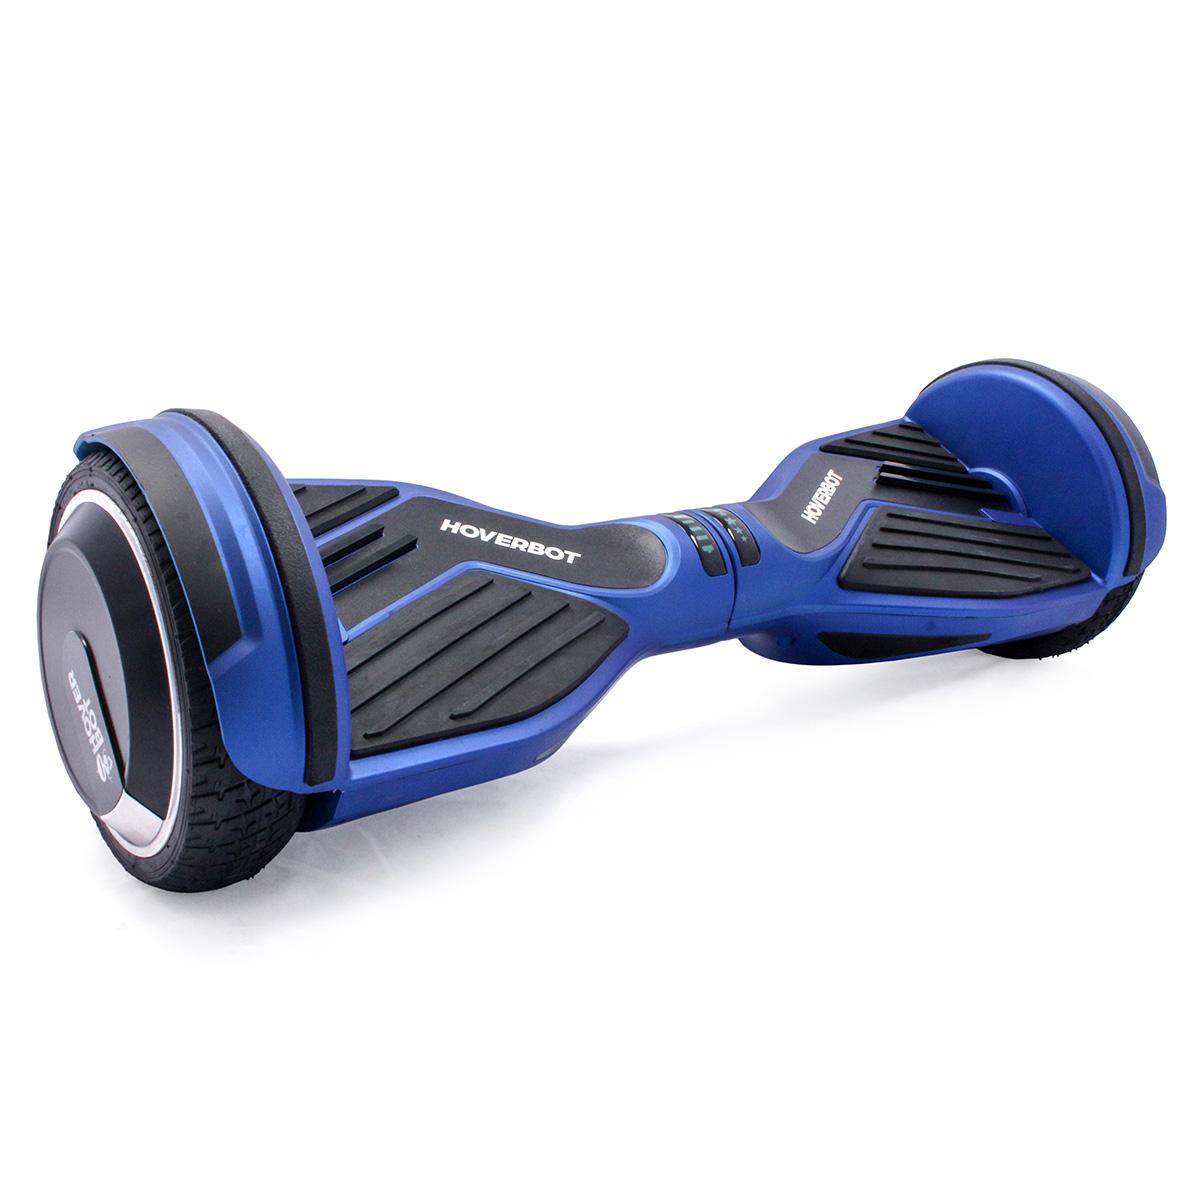 Гироскутер Hoverbot A-6 Premium, цвет: синий матовыйGA6BESГироцикл Hoverbot А6 Premium можно использовать для развлечения, в качестве спортивного снаряда, а также в качестве самого настоящего транспортного средства. Эффективный принцип, заложенный в основу этого устройства, обеспечивает максимальную простоту в эксплуатации и отличную управляемость, ведь встроенный гироскоп реагирует на малейшее движение тела, облегчая управление. Платформы для ног имеют отличное сцепление с обувью. Небольшие фонари спереди устройства осветят мелкие трещины и препятствия на дороге в тёмное время суток, а также сделают вас заметнее для других пешеходов или атомобилистов. Технические характеристики: Возможная дистанция: 15-20 км Максимальная скорость: 15 км/ч Аккумулятор: Lithium 36V 4,4 AH Размер колеса: 6,5(165мм) Мощность мотора: 2х350W Максимальная нагрузка: 120 кг Время заряда/сеть: 120мин/220В Вес нетто: 11 Вес брутто: 12,5 Влагозащита: IP54 Условия эксплуатации: -10°C - 50°C 3 режима работы устройства. (Начинающий, стандартный, продвинутый),...